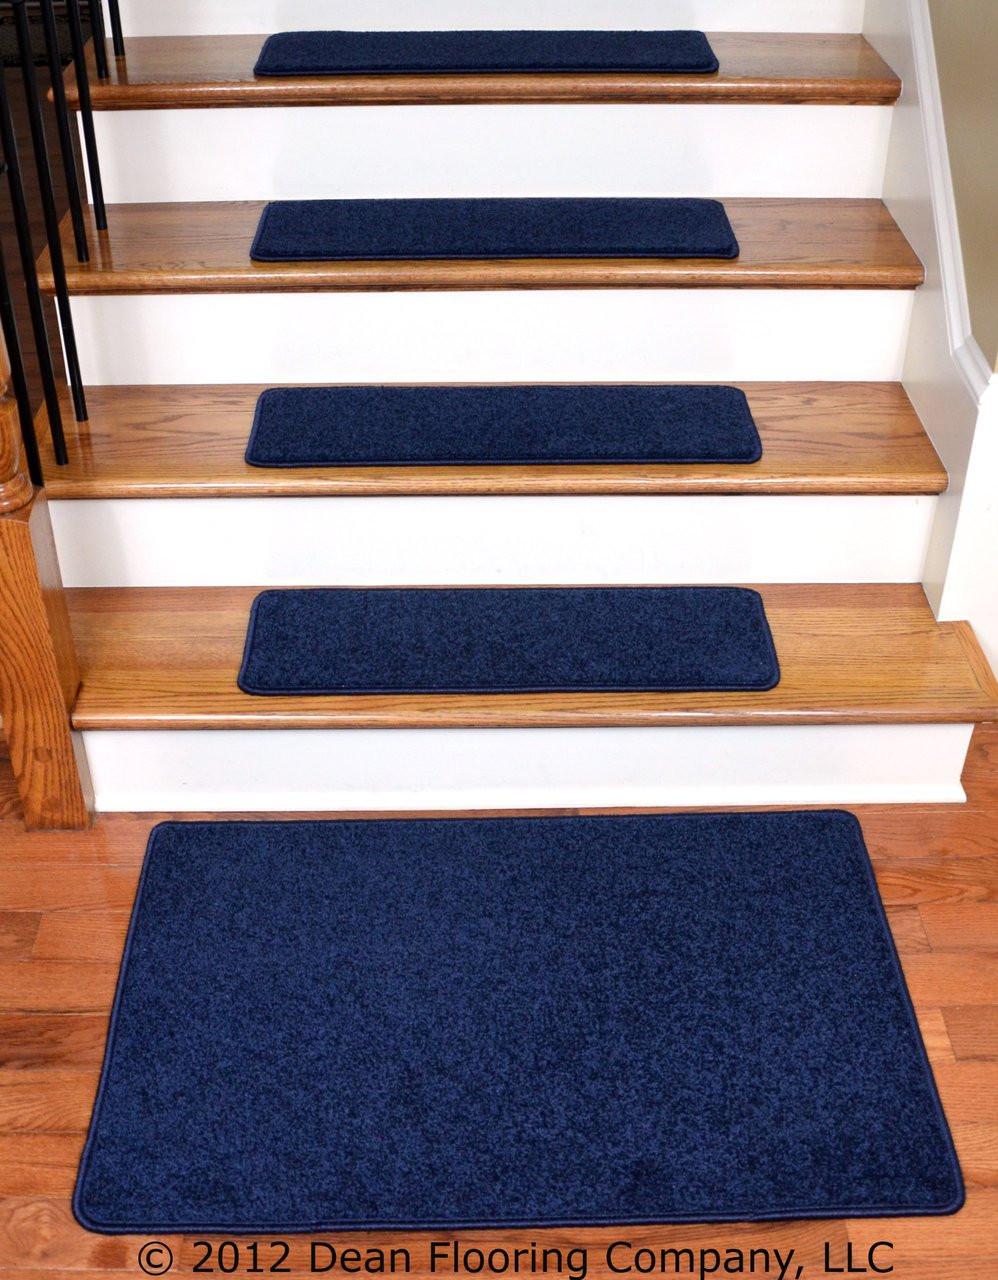 Dean Carpet Stair Treads 27 Quot X 9 Quot Navy Blue Plush 13